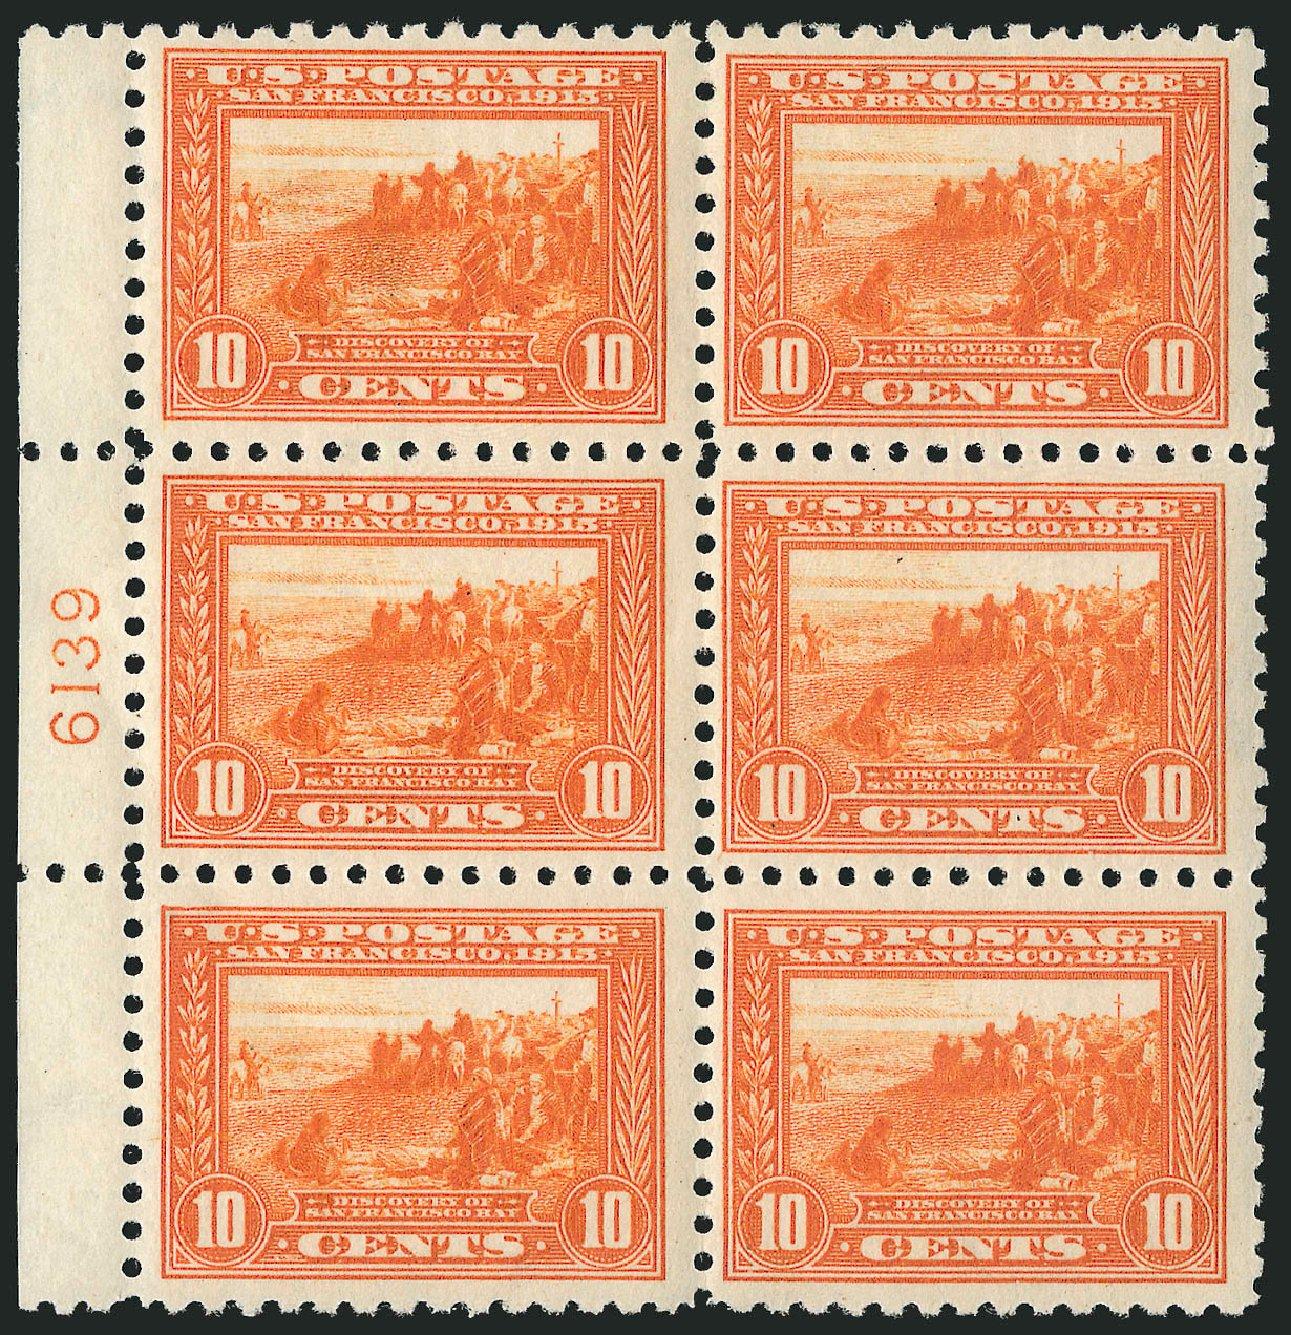 US Stamps Values Scott Cat. #404: 10c 1915 Panama-Pacific Exposition. Robert Siegel Auction Galleries, Apr 2015, Sale 1096, Lot 656